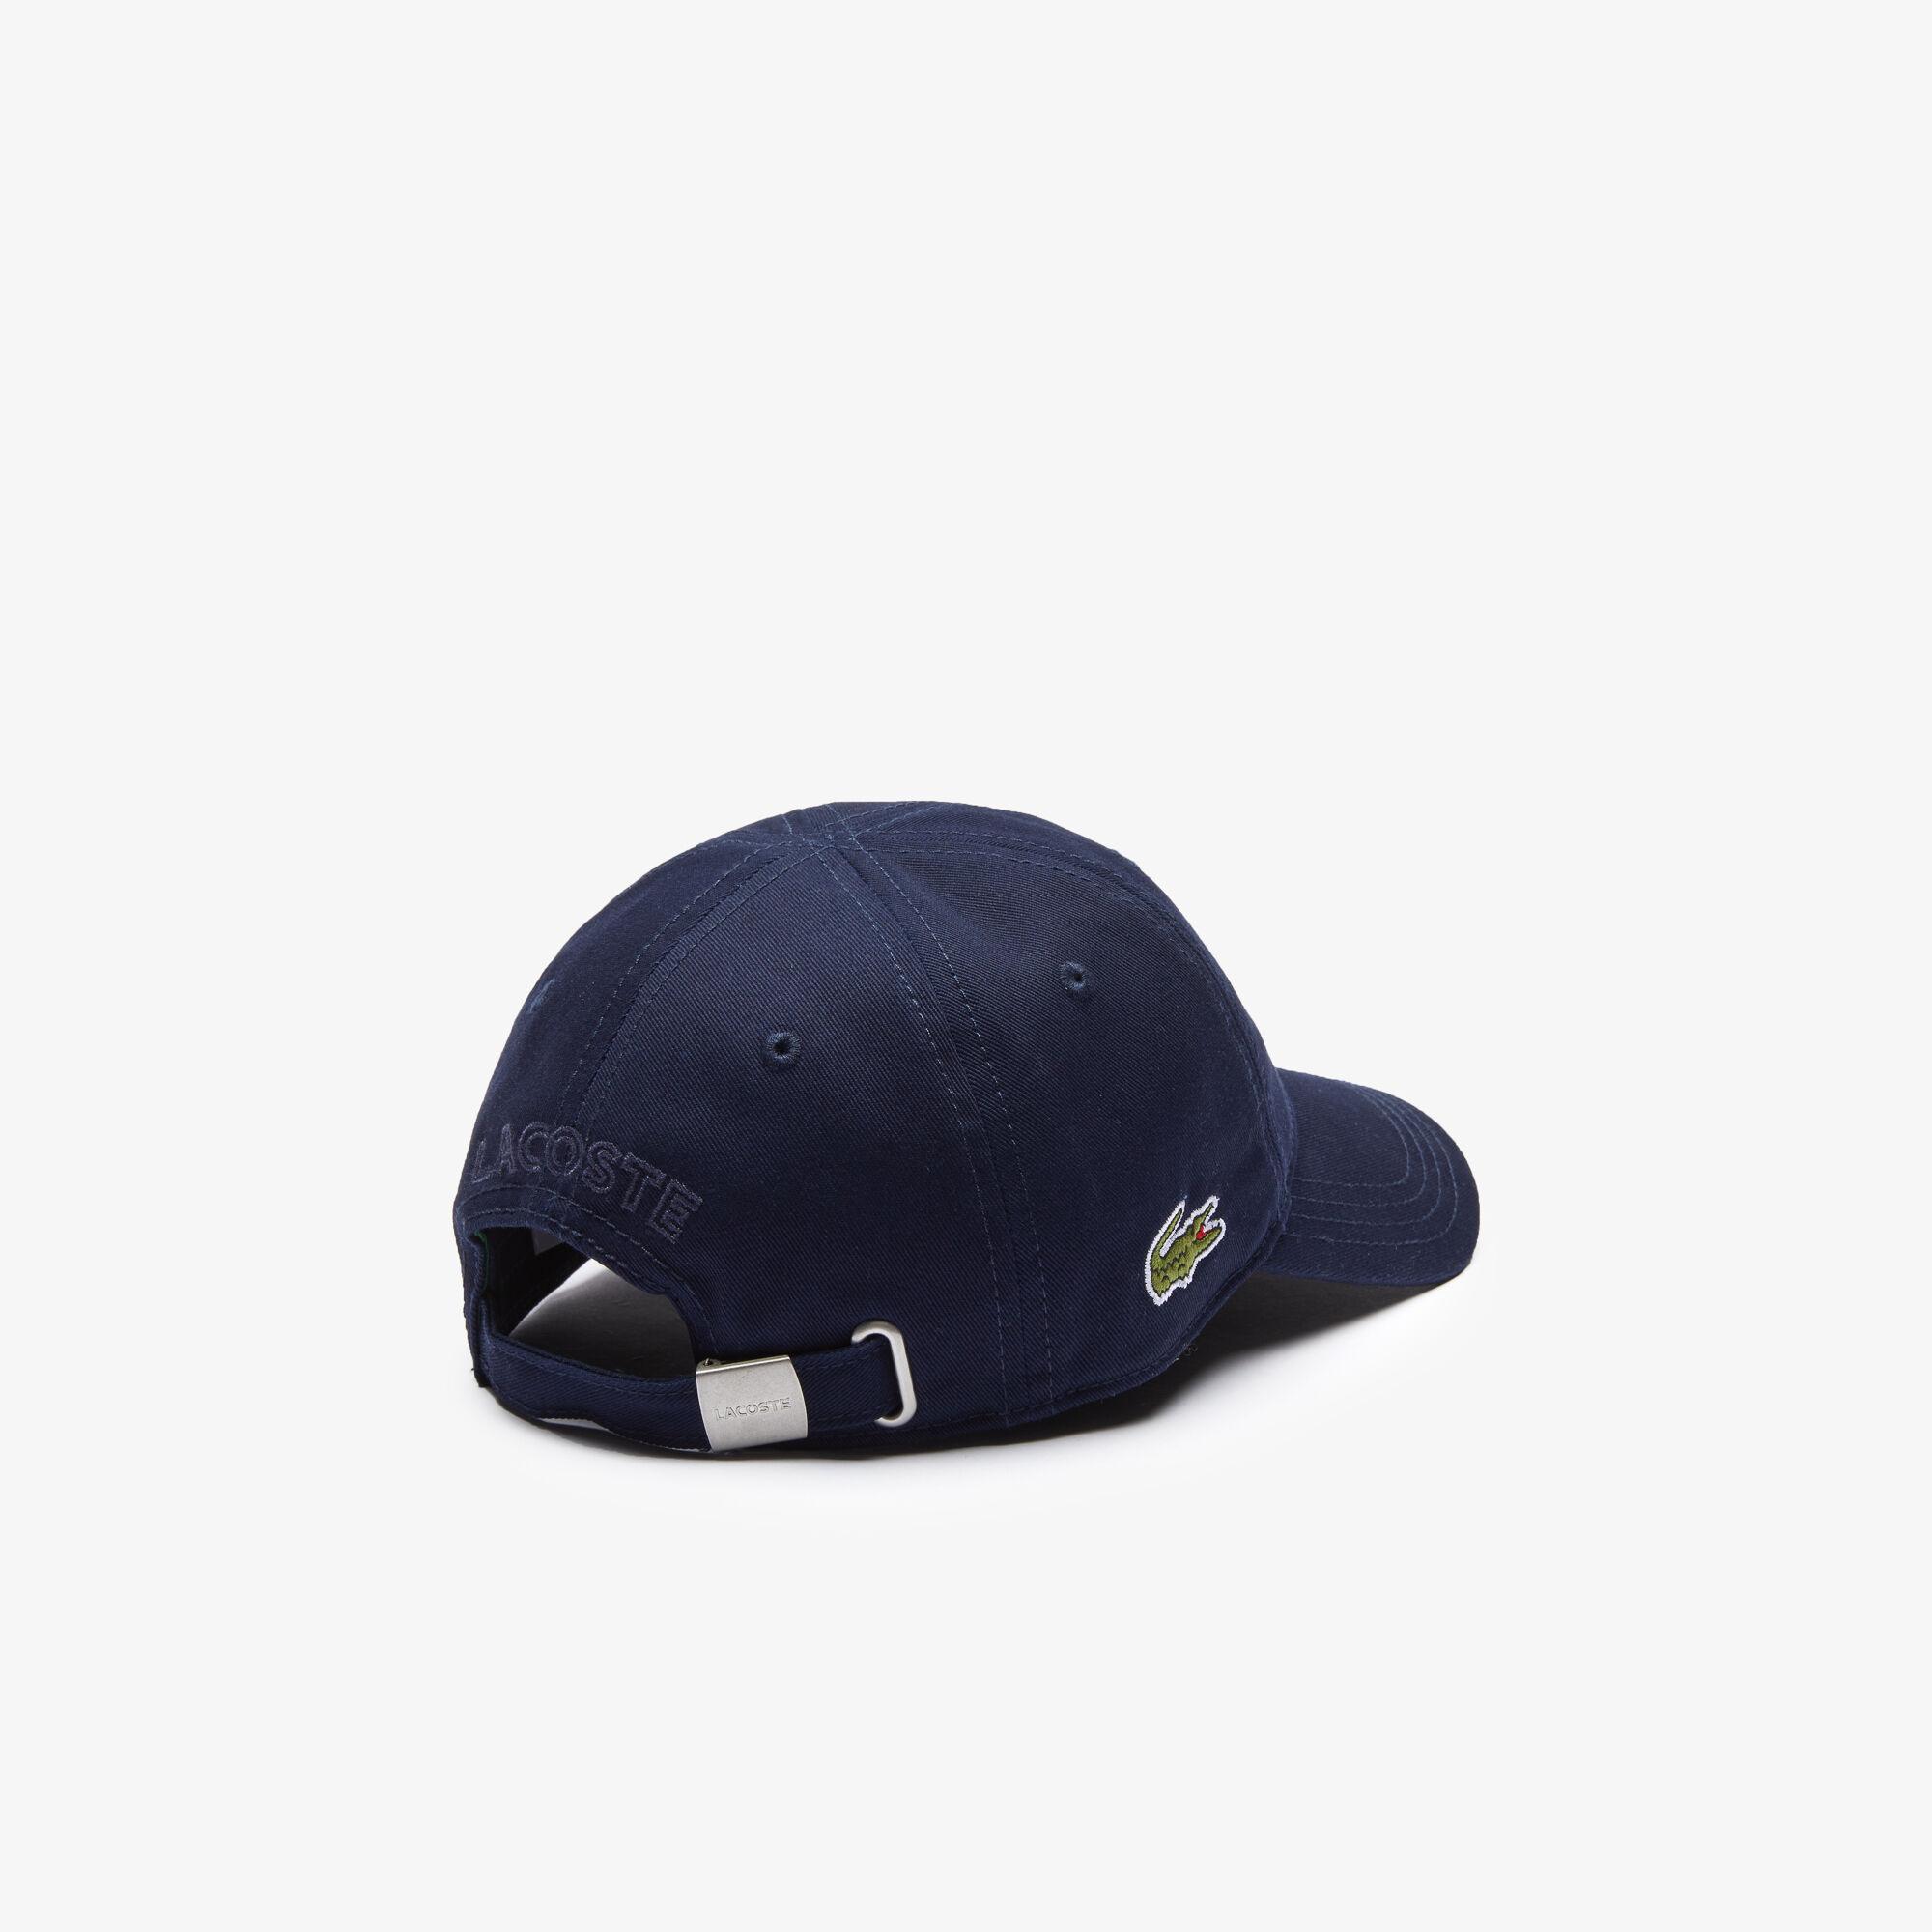 قبعة من الجبردين للصبيان